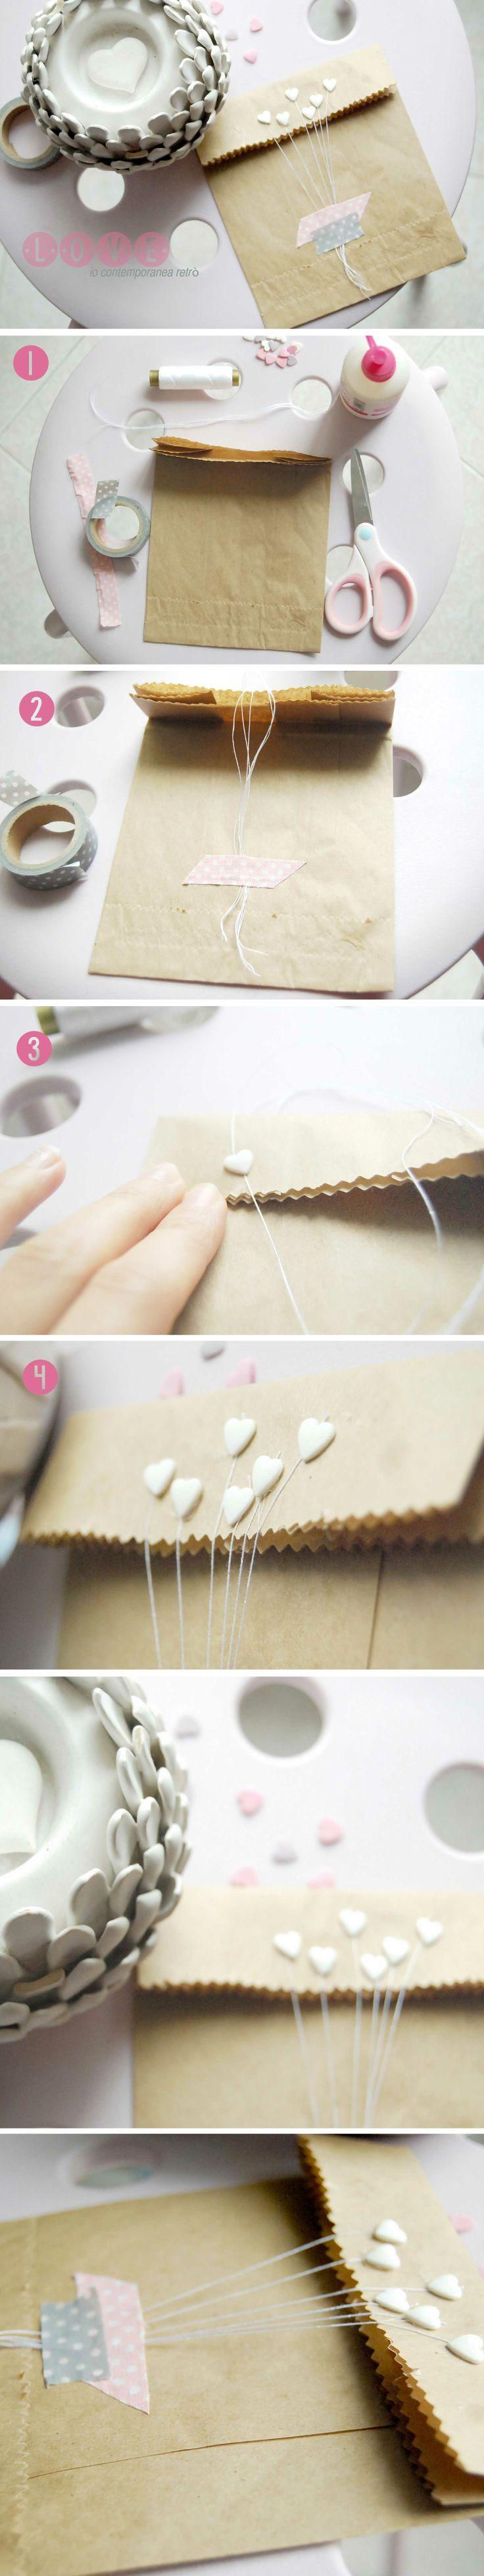 Un dolce e semplice DIY per creare delle originali buste di carta, adatte come p...